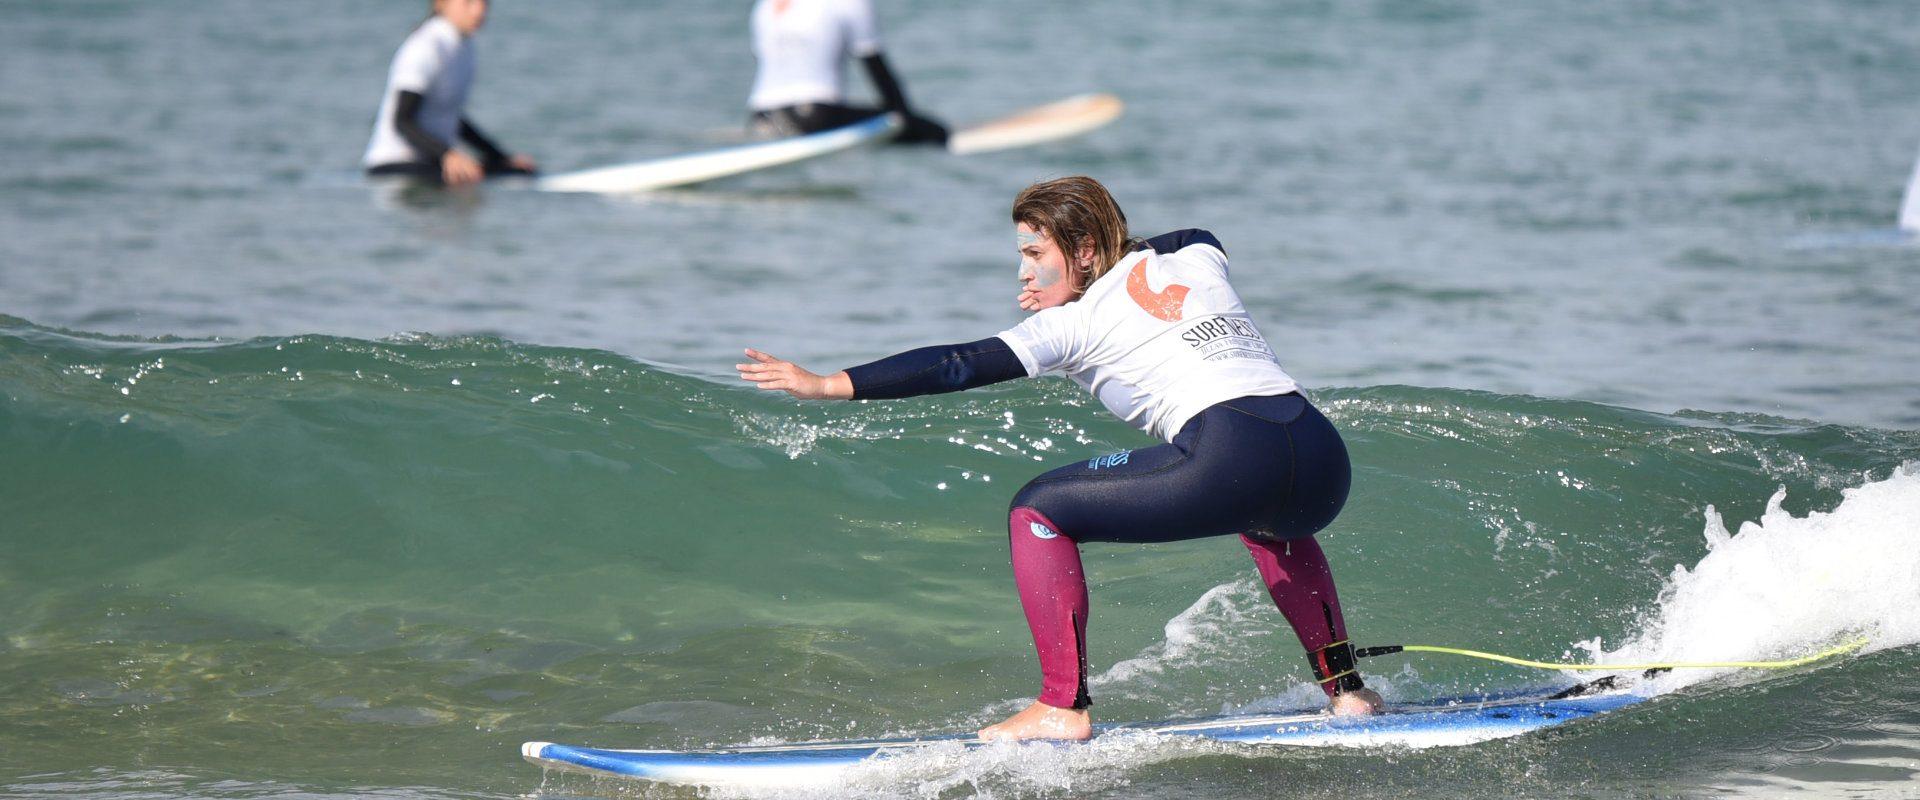 imparare_a_surfare_peniche_portogallo_surfness